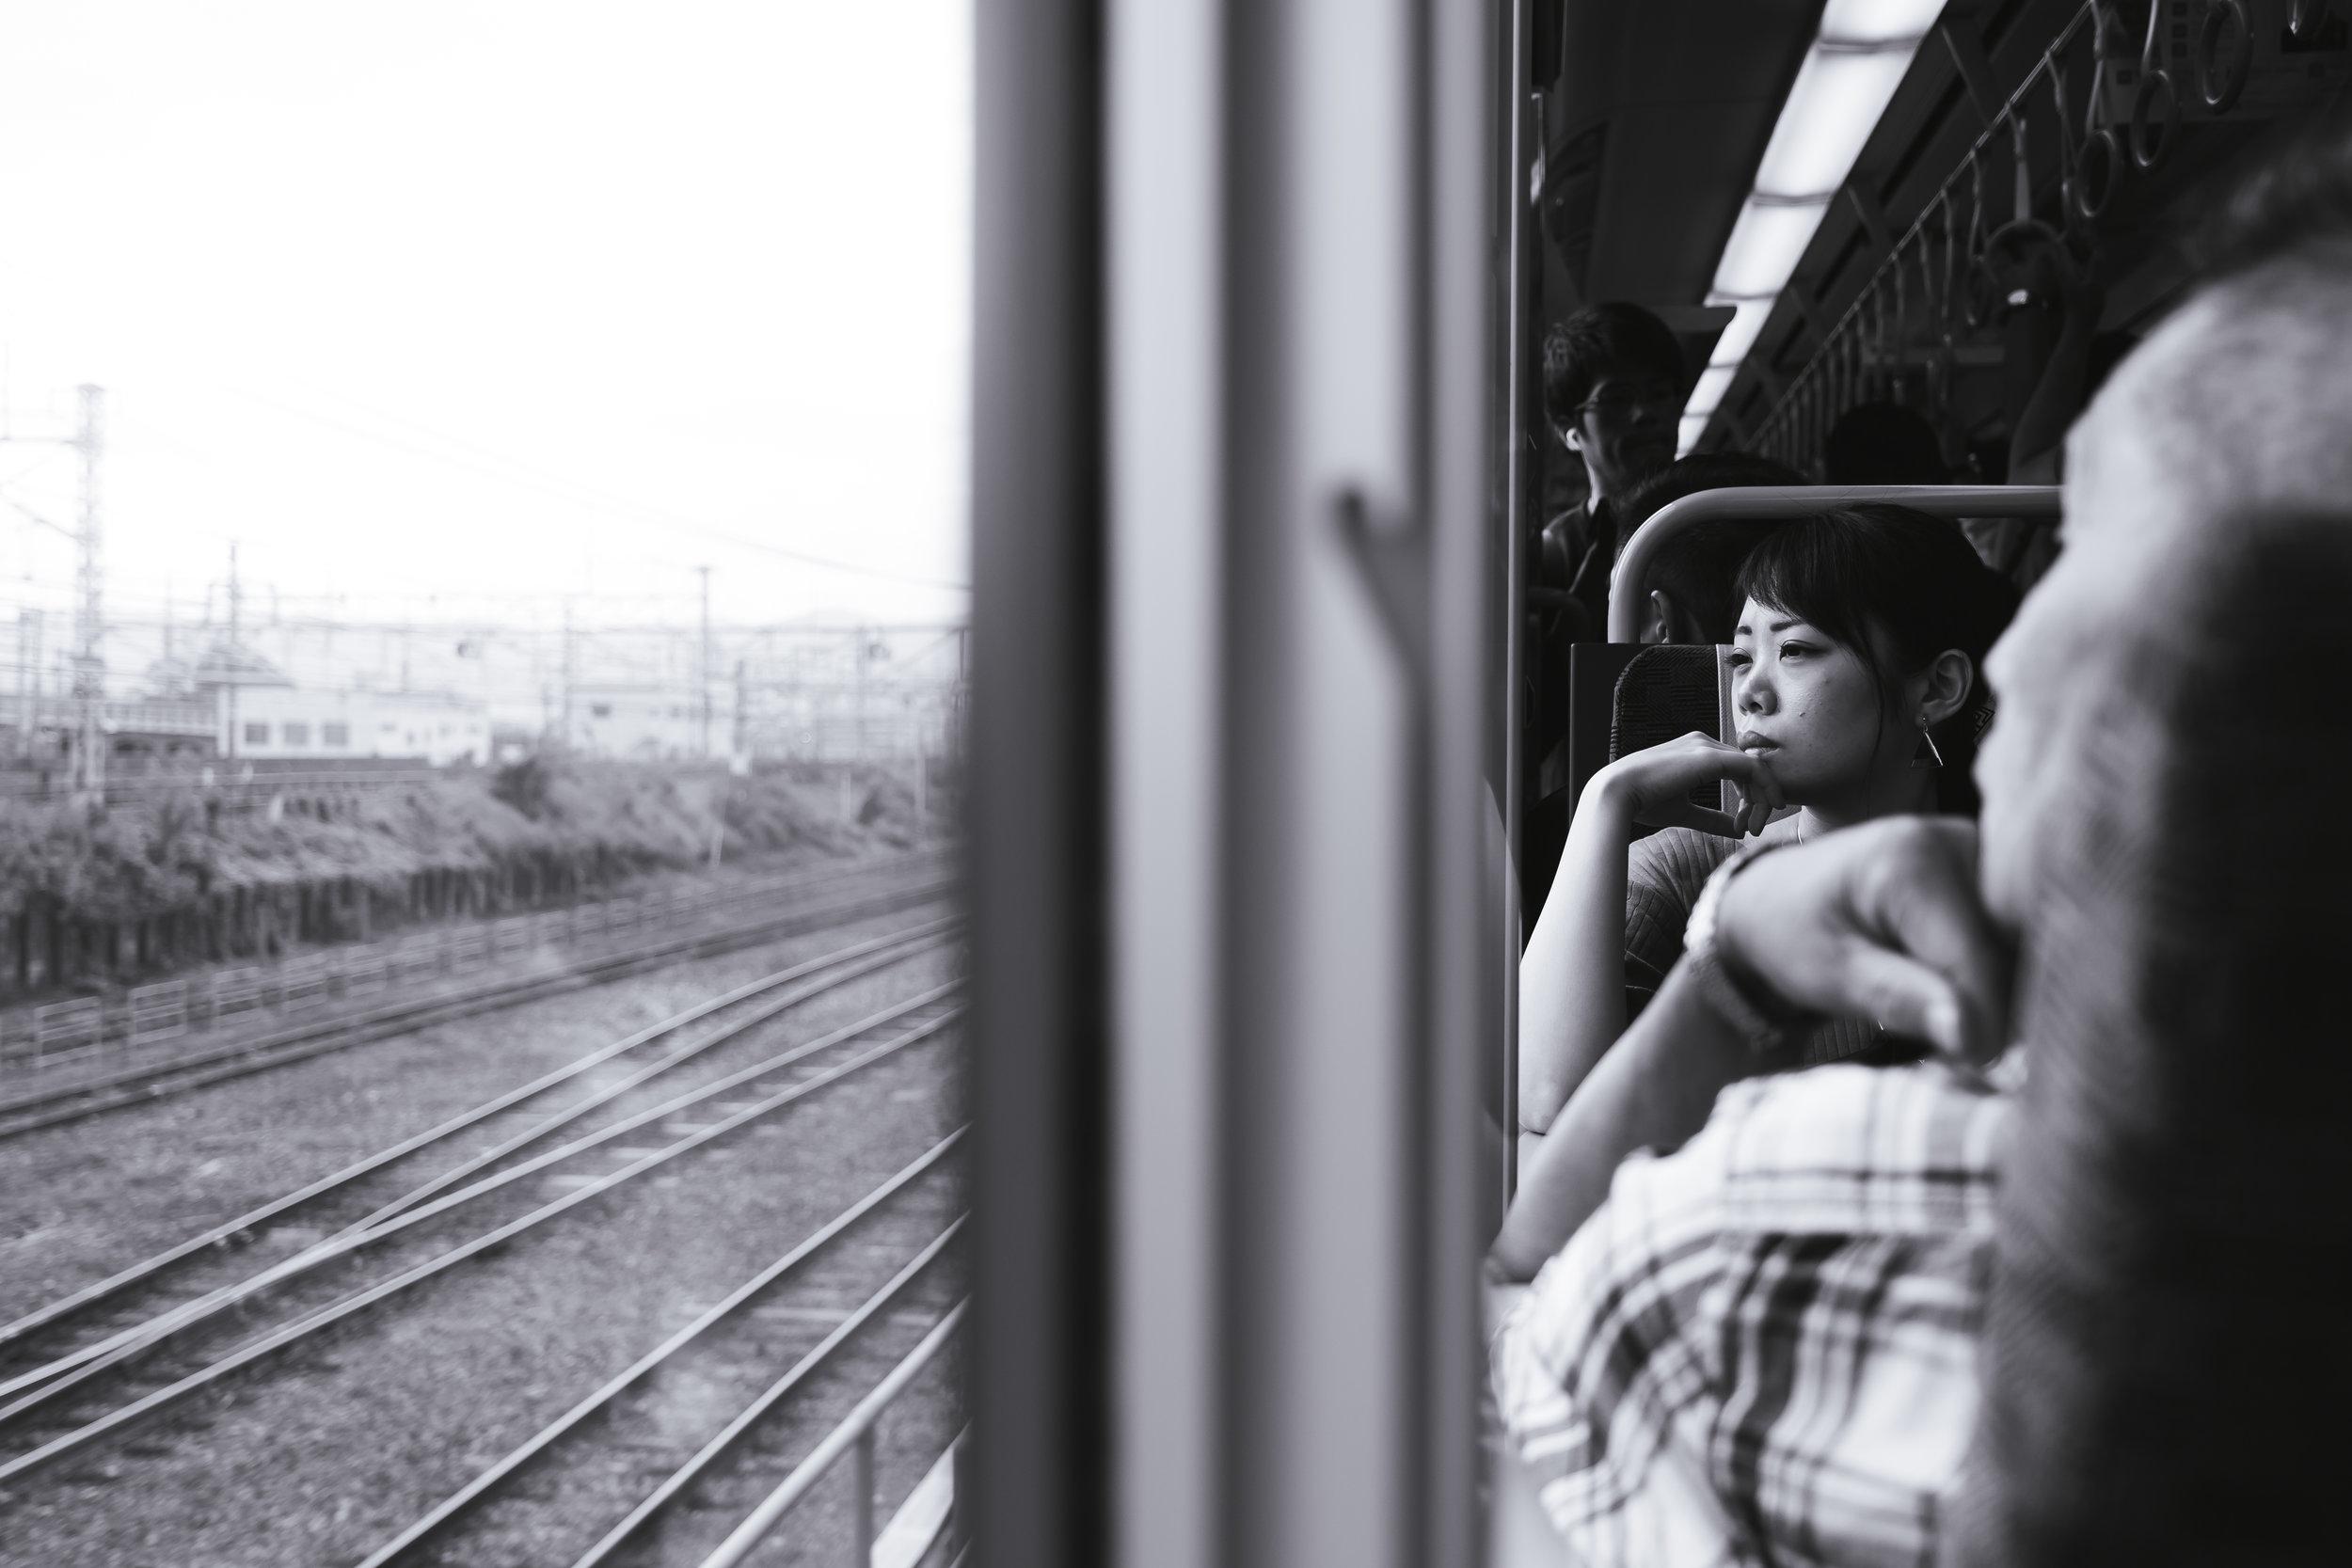 train-riders.jpg